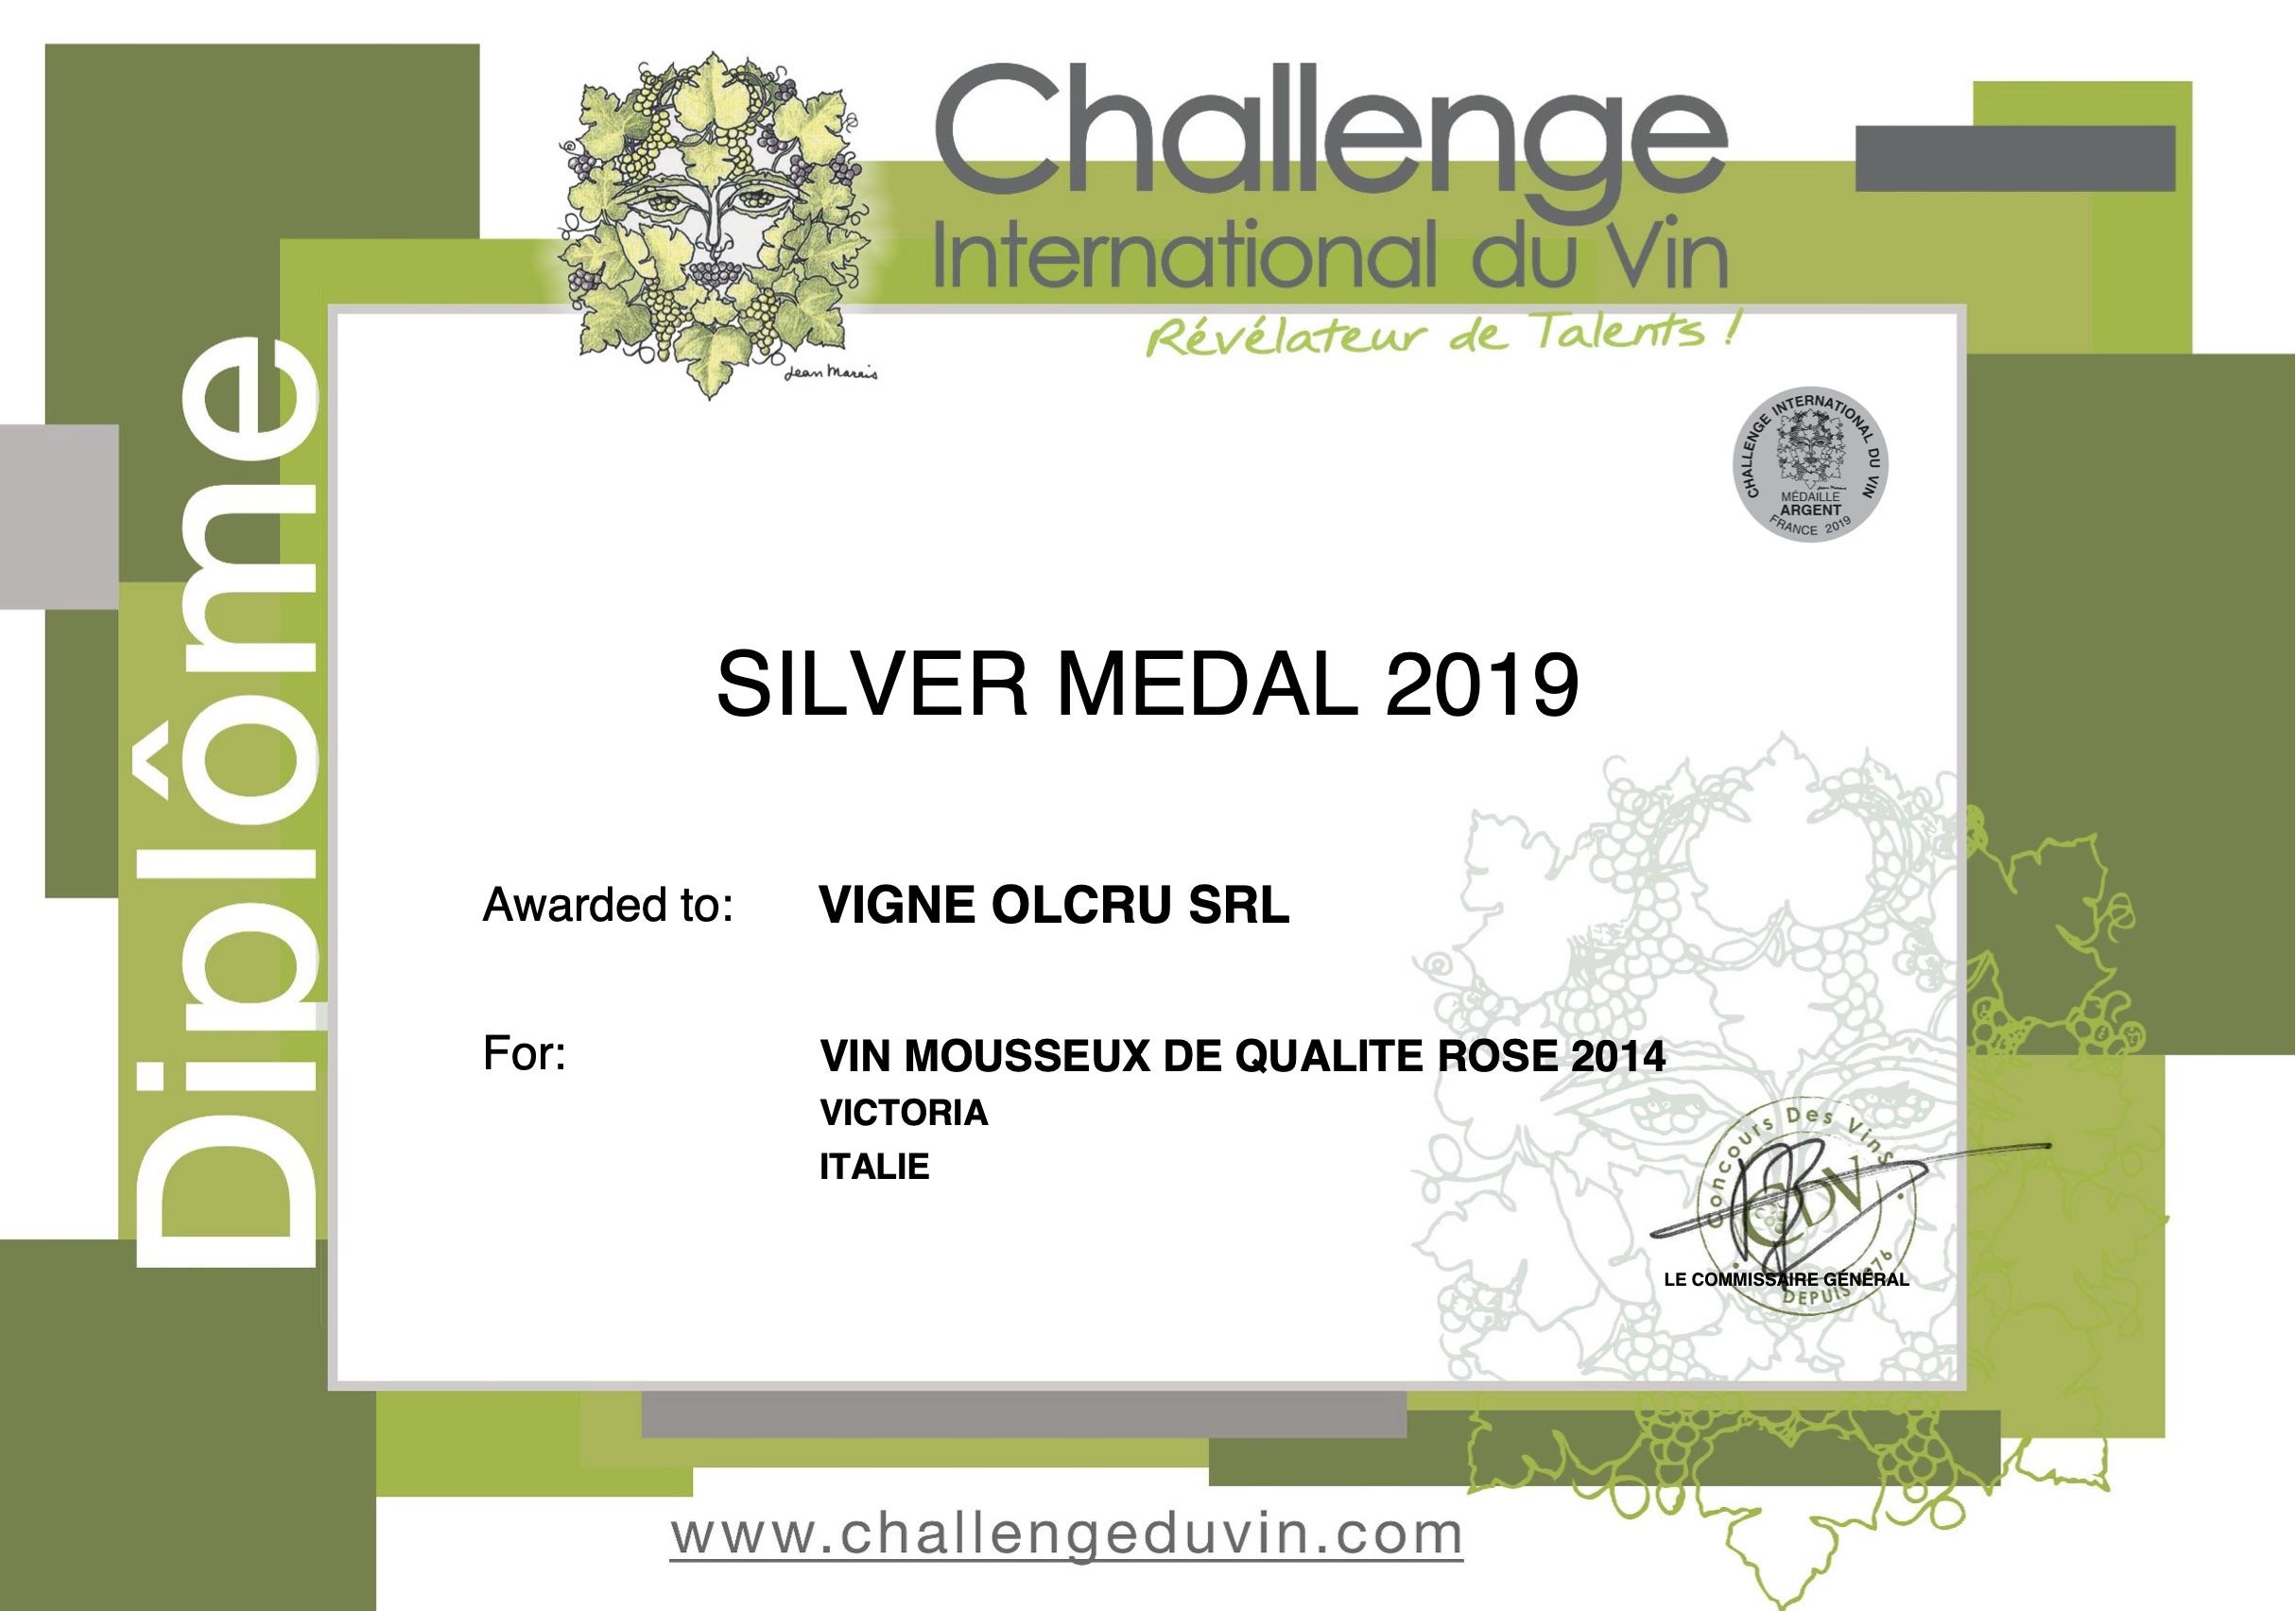 Challenge International Du Vin 2019 – Victoria 2014 – Silver